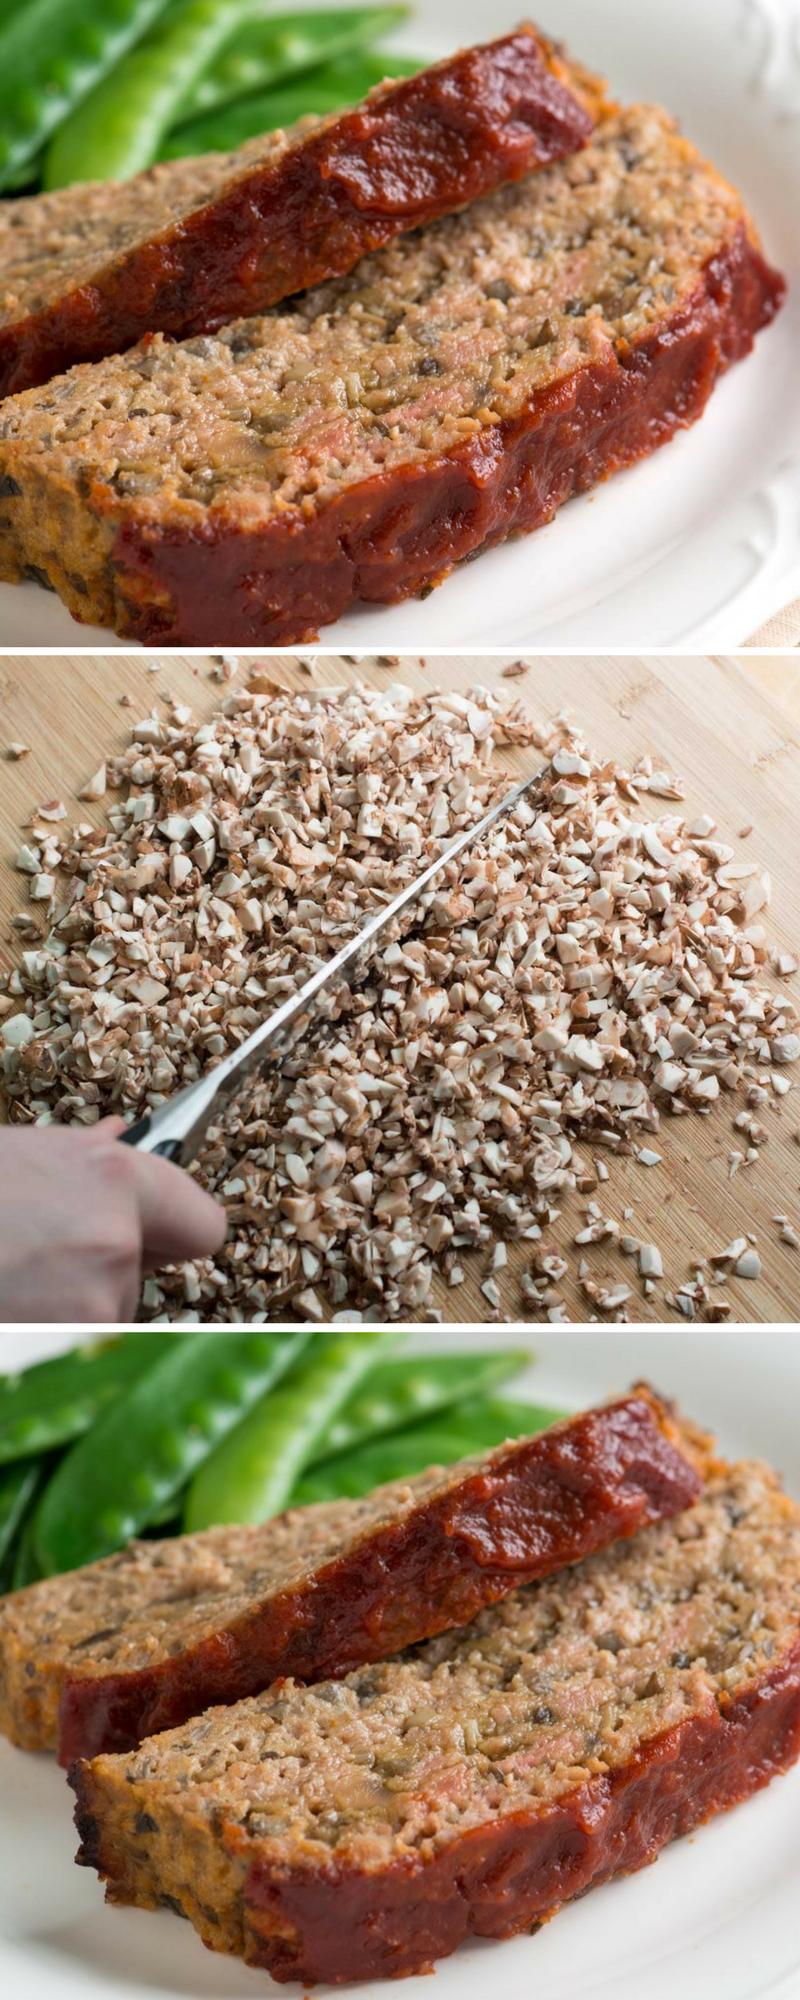 Unbelievably Moist Turkey Meatloaf Recipe Moist Turkey Meatloaf Turkey Meatloaf Recipes